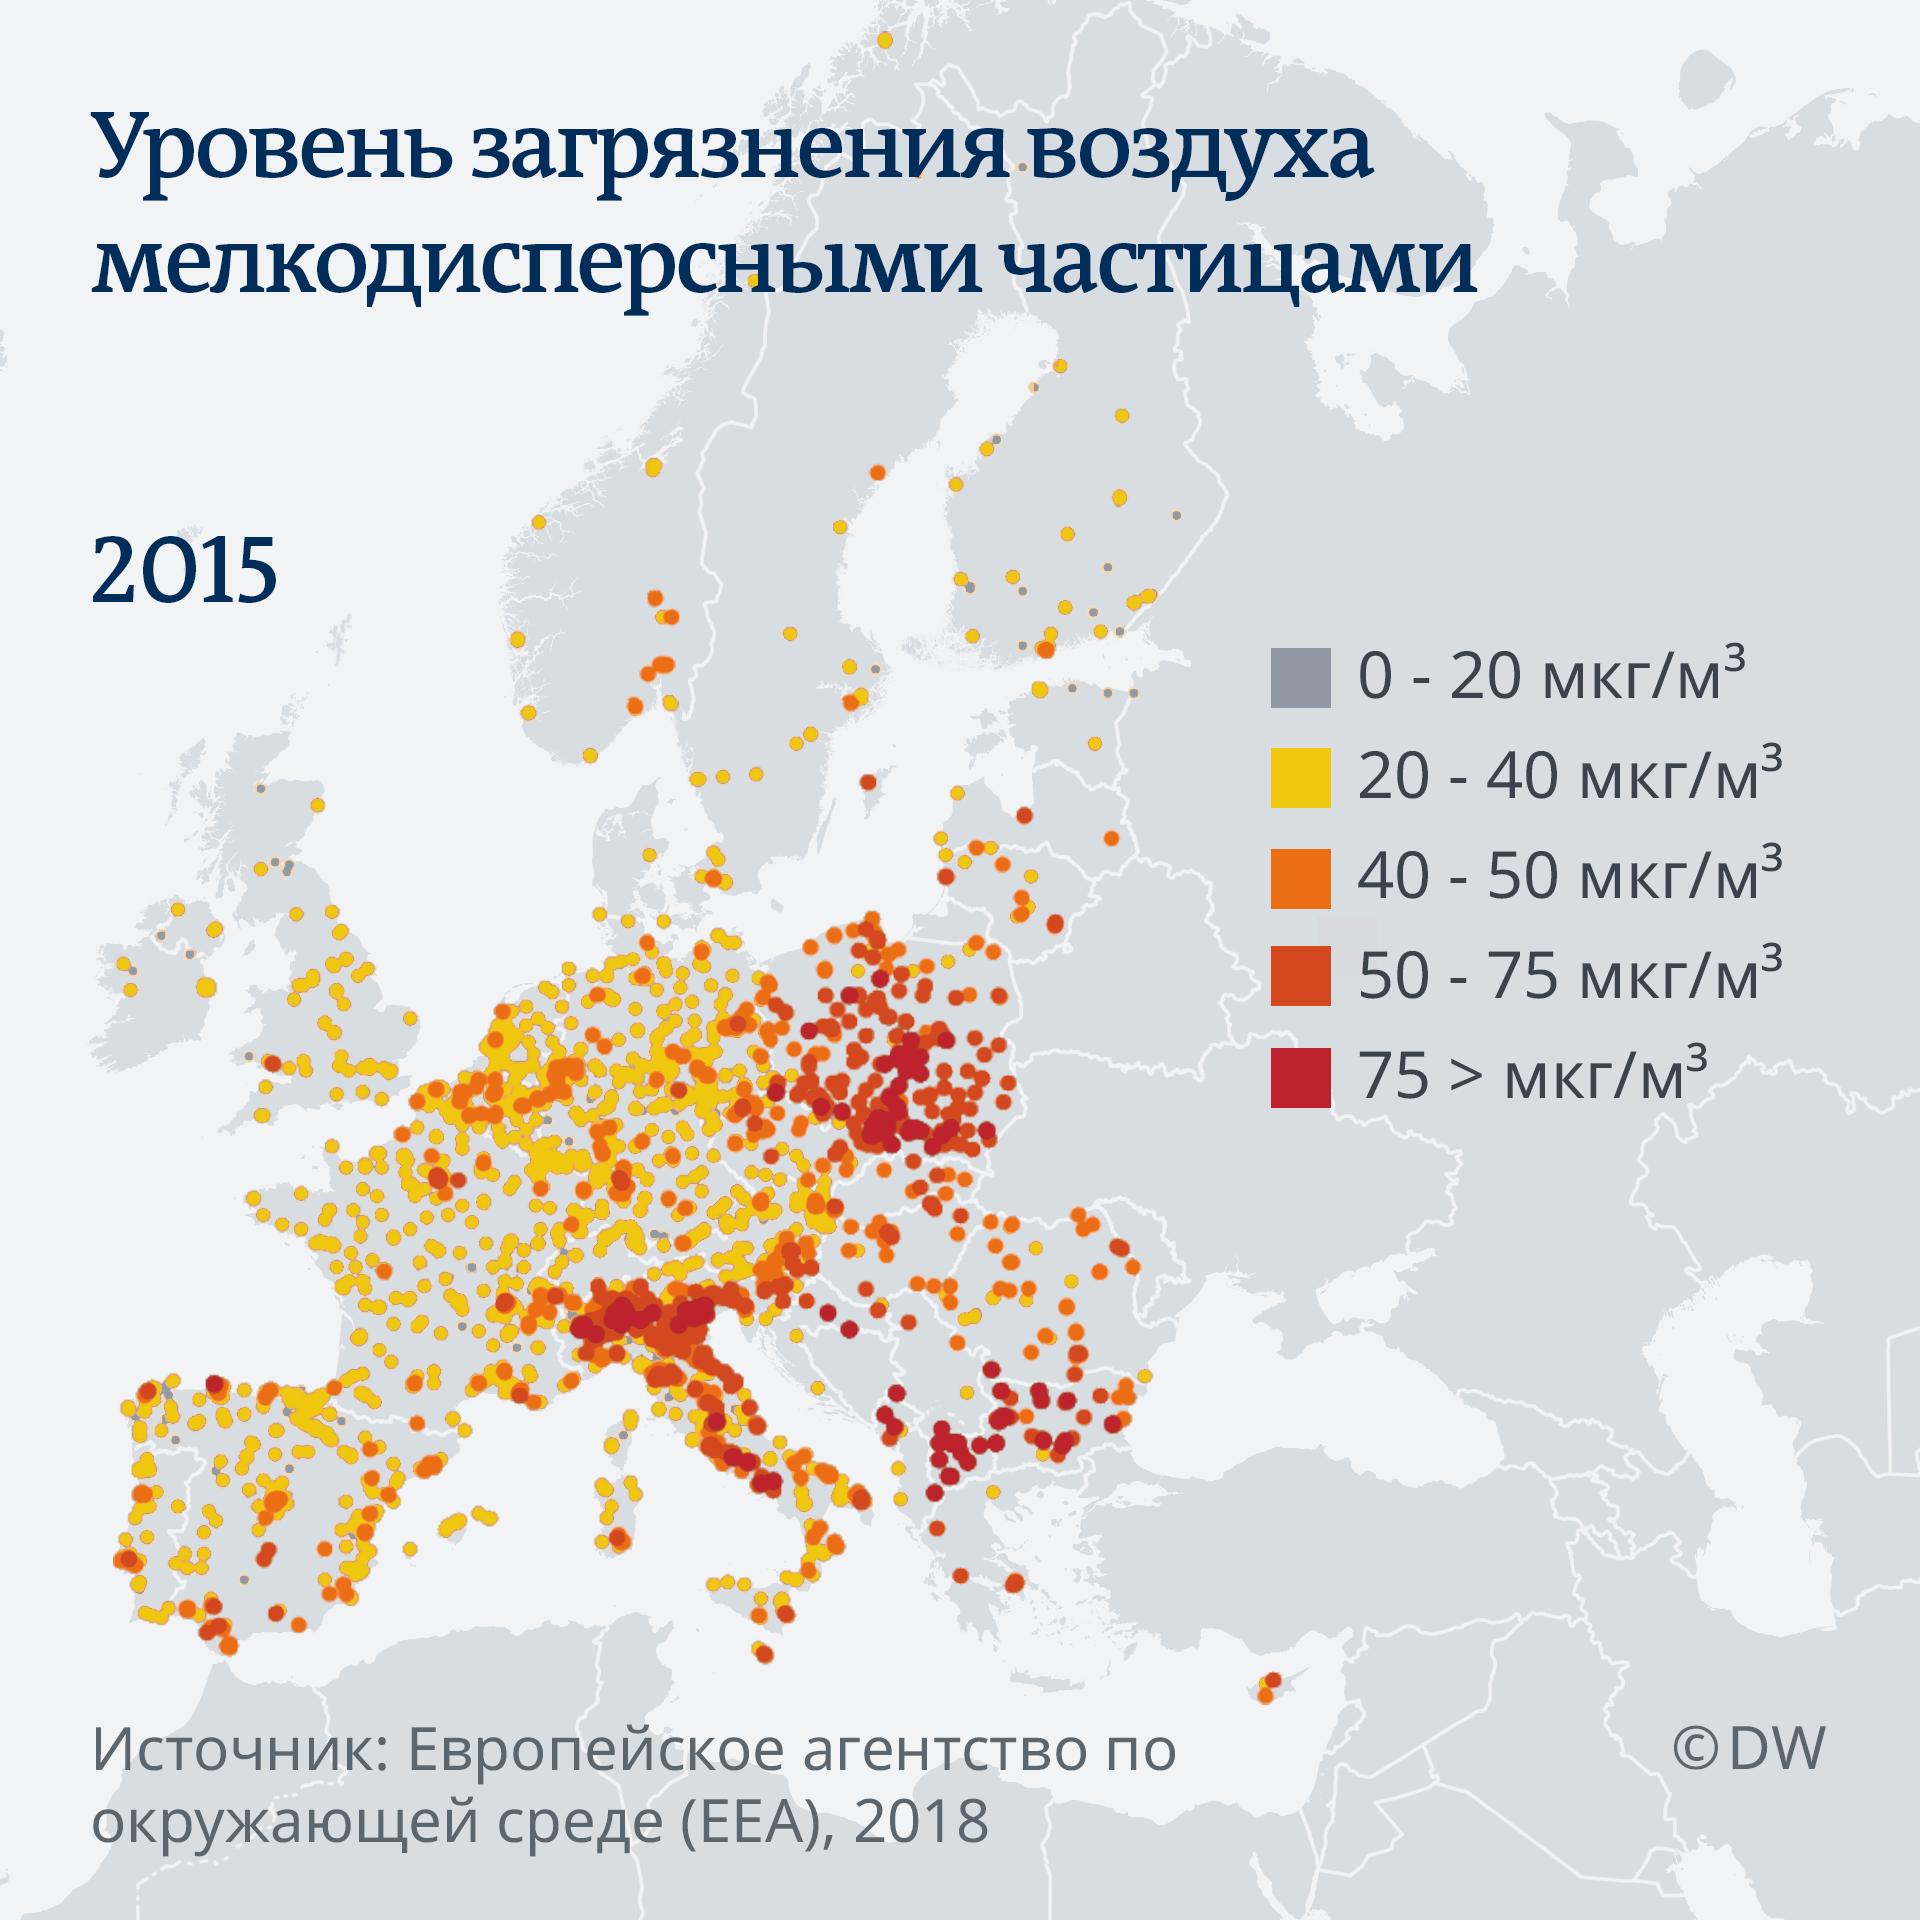 Инфографика: Уровень загрязнения воздуха мелкодисперсными частицами